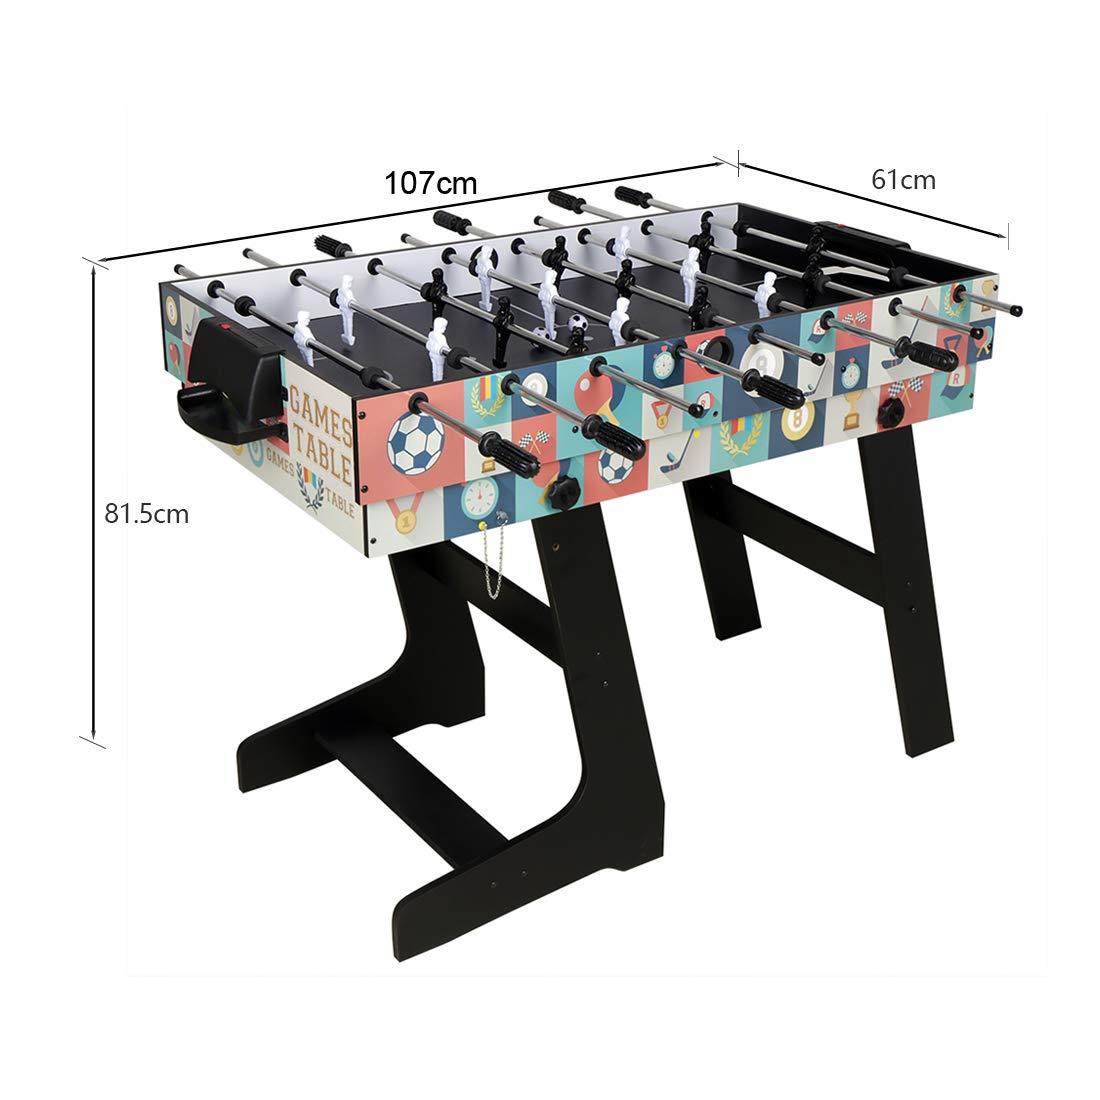 AHHC Multi-Function Foosball Table